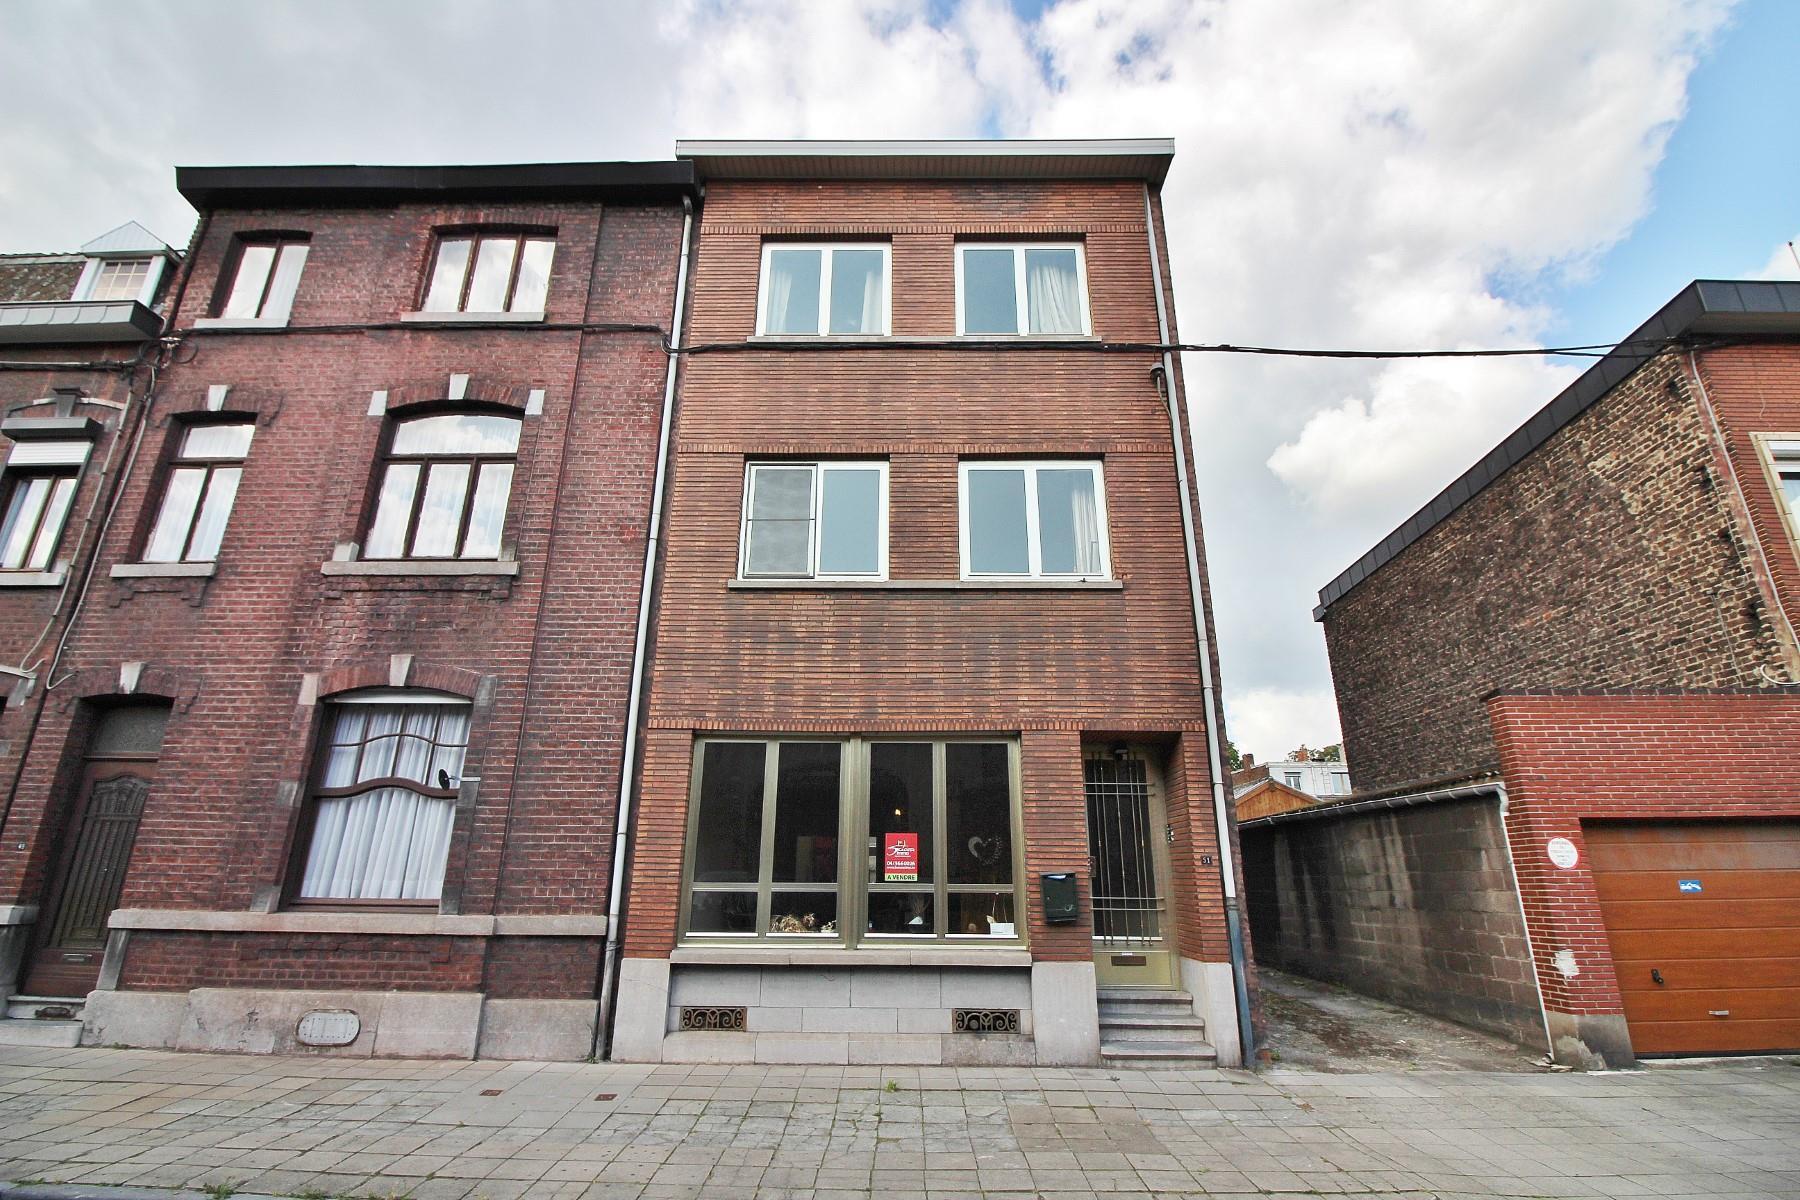 Maison - Liège - #3871684-20